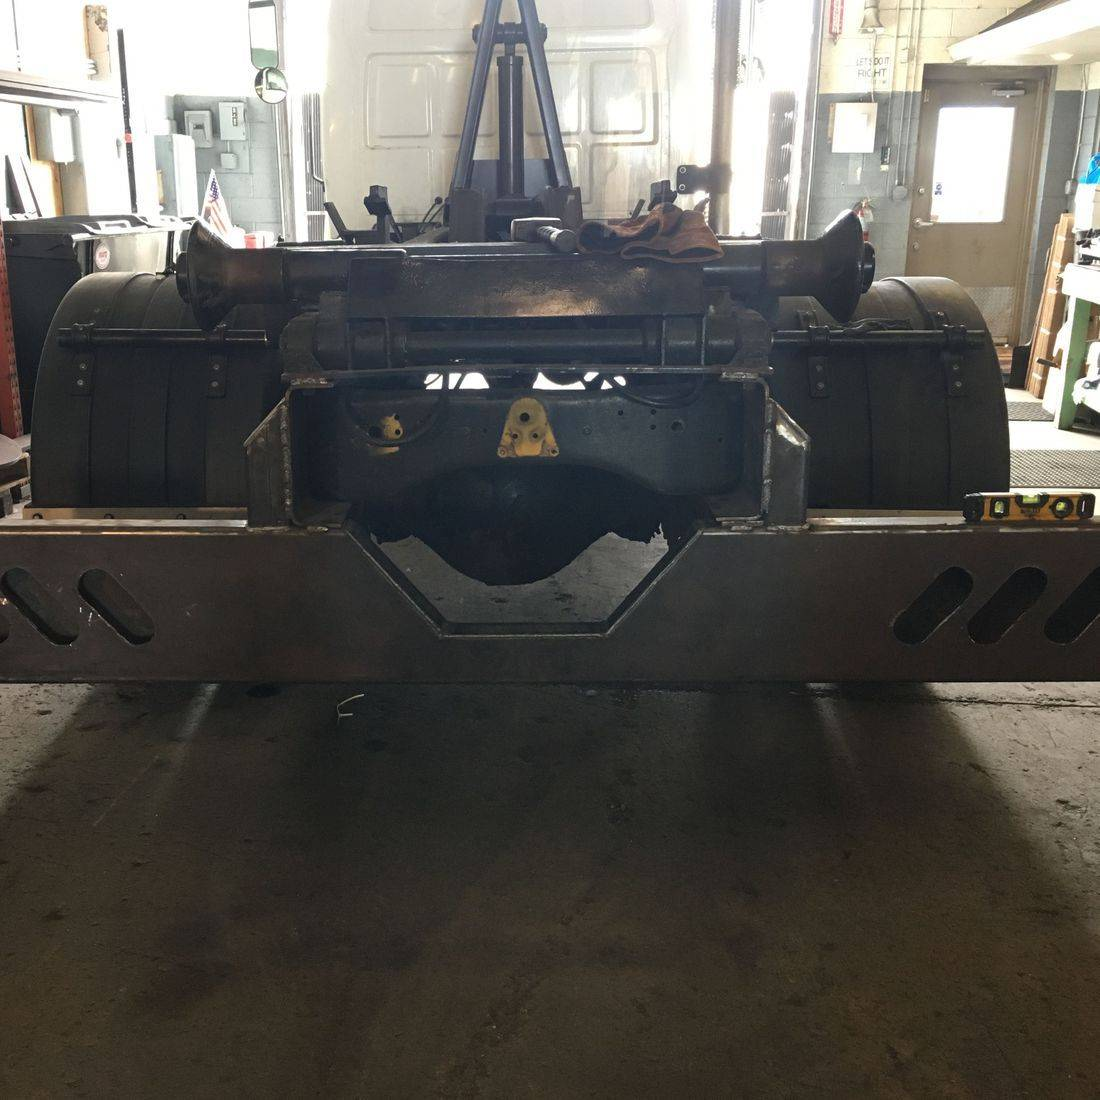 Frato Products - Custom Truck Bumper Design